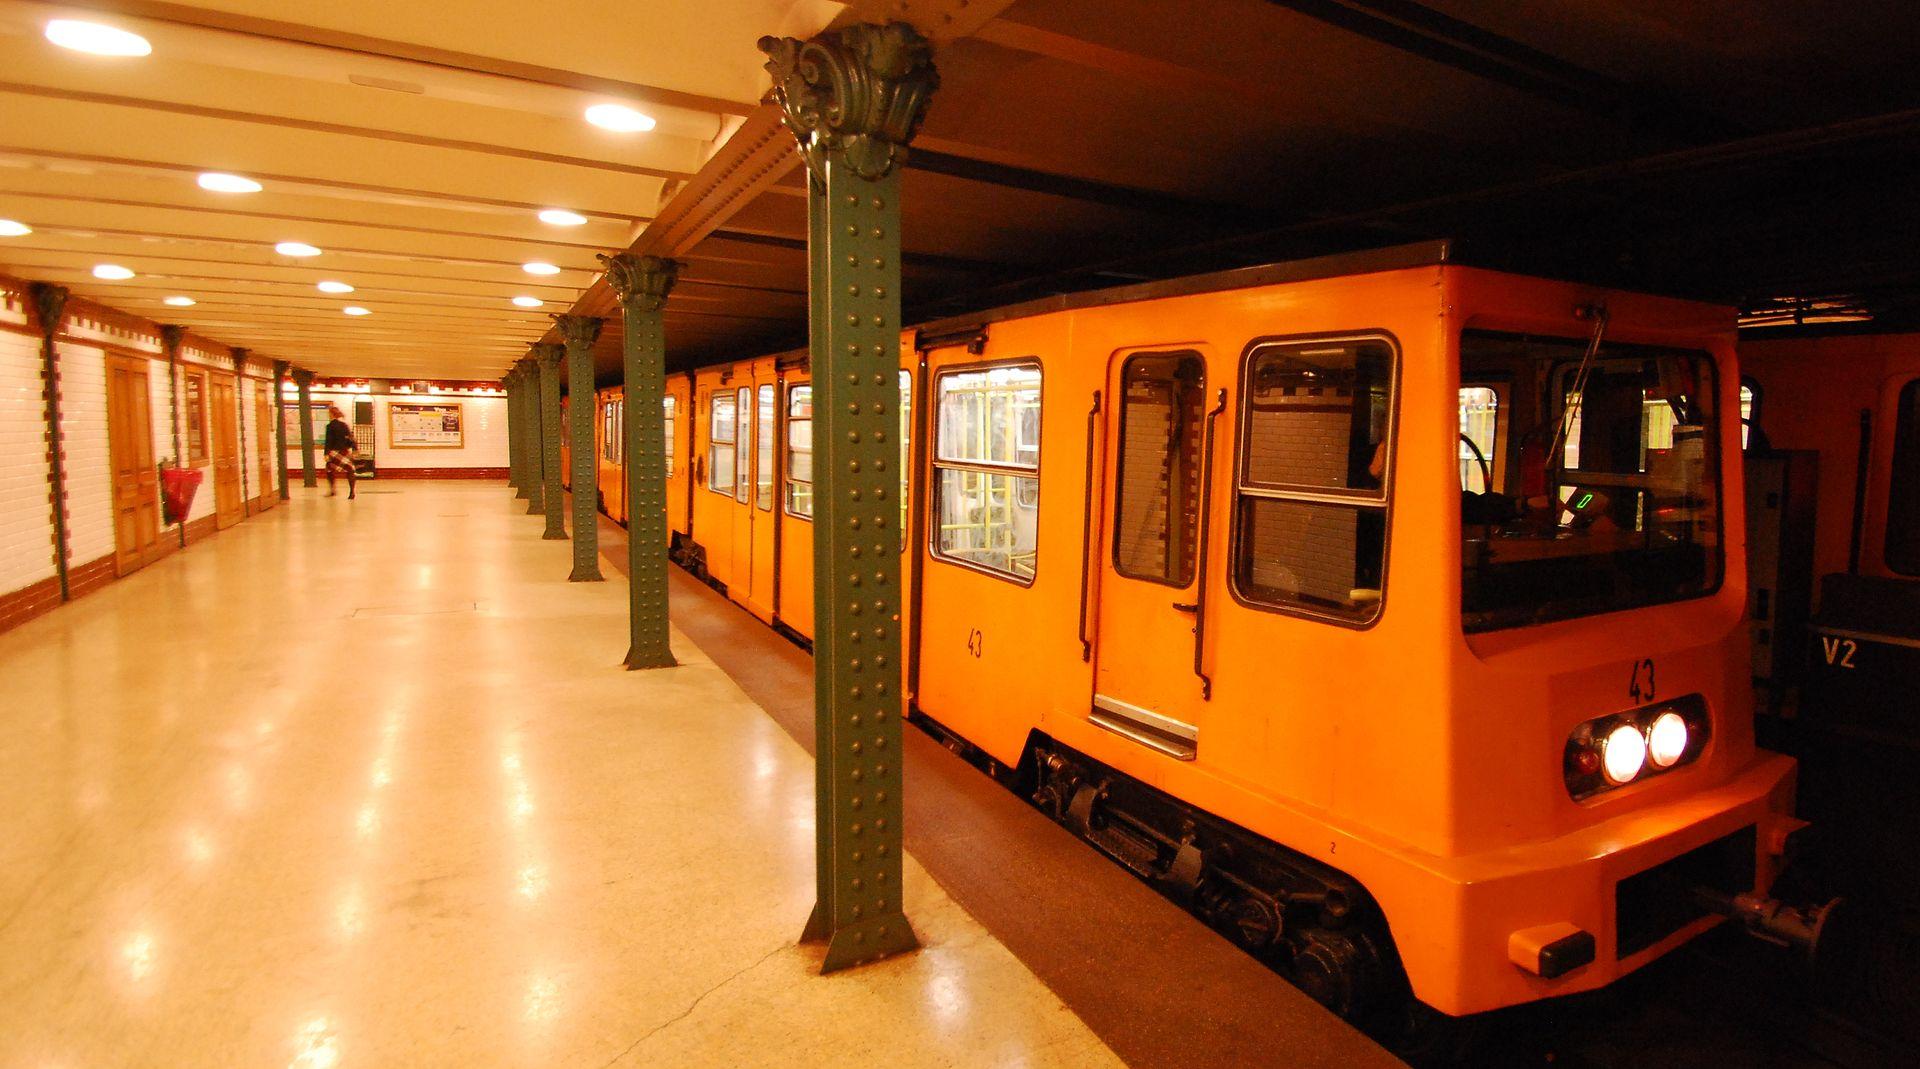 https://upload.wikimedia.org/wikipedia/commons/thumb/c/c4/Underground_Budapest_M1.jpg/1920px-Underground_Budapest_M1.jpg